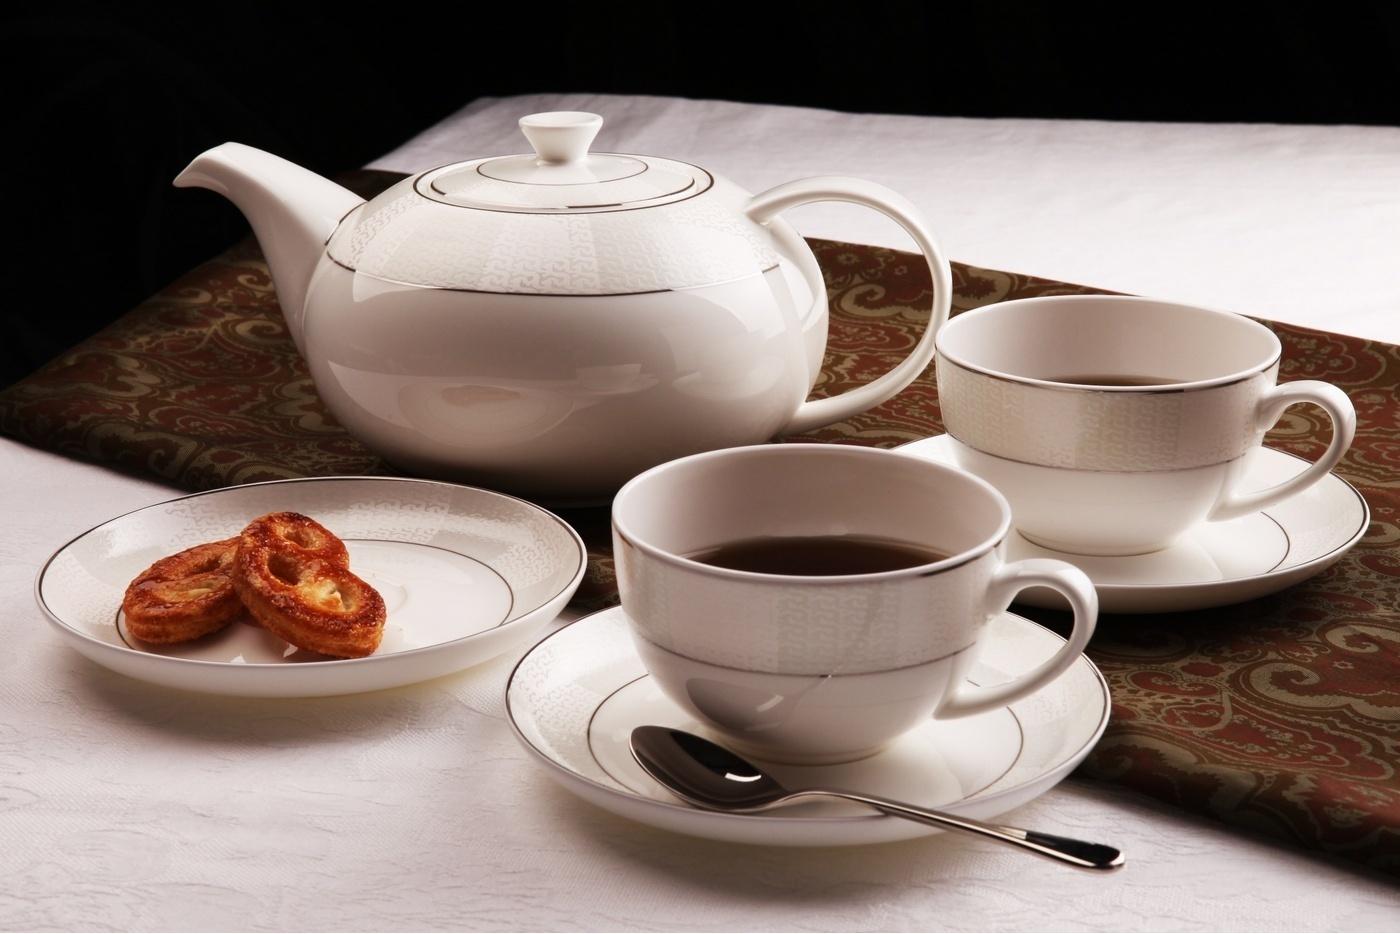 Чайный сервиз Royal Aurel Кружево арт.111, 13 предметовЧайные сервизы<br>Чайный сервиз Royal Aurel Кружево арт.110, 13 предметов<br><br><br><br><br><br><br><br><br><br><br>Чашка 300 мл,6 шт.<br>Блюдце 15 см,6 шт.<br>Чайник 1300 мл<br><br><br><br><br><br><br>Производить посуду из фарфора начали в Китае на стыке 6-7 веков. Неустанно совершенствуя и селективно отбирая сырье для производства посуды из фарфора, мастерам удалось добиться выдающихся характеристик фарфора: белизны и тонкостенности. В XV веке появился особый интерес к китайской фарфоровой посуде, так как в это время Европе возникла мода на самобытные китайские вещи. Роскошный китайский фарфор являлся изыском и был в новинку, поэтому он выступал в качестве подарка королям, а также знатным людям. Такой дорогой подарок был очень престижен и по праву являлся элитной посудой. Как известно из многочисленных исторических документов, в Европе китайские изделия из фарфора ценились практически как золото. <br>Проверка изделий из костяного фарфора на подлинность <br>По сравнению с производством других видов фарфора процесс производства изделий из настоящего костяного фарфора сложен и весьма длителен. Посуда из изящного фарфора - это элитная посуда, которая всегда ассоциируется с богатством, величием и благородством. Несмотря на небольшую толщину, фарфоровая посуда - это очень прочное изделие. Для демонстрации плотности и прочности фарфора можно легко коснуться предметов посуды из фарфора деревянной палочкой, и тогда мы услушим характерный металлический звон. В составе фарфоровой посуды присутствует костяная зола, благодаря чему она может быть намного тоньше (не более 2,5 мм) и легче твердого или мягкого фарфора. Безупречная белизна - ключевой признак отличия такого фарфора от других. Цвет обычного фарфора сероватый или ближе к голубоватому, а костяной фарфор будет всегда будет молочно-белого цвета. Характерная и немаловажная деталь - это невесомая прозрачность изделий из фарфора такая, что сквозь него проходит свет.<br